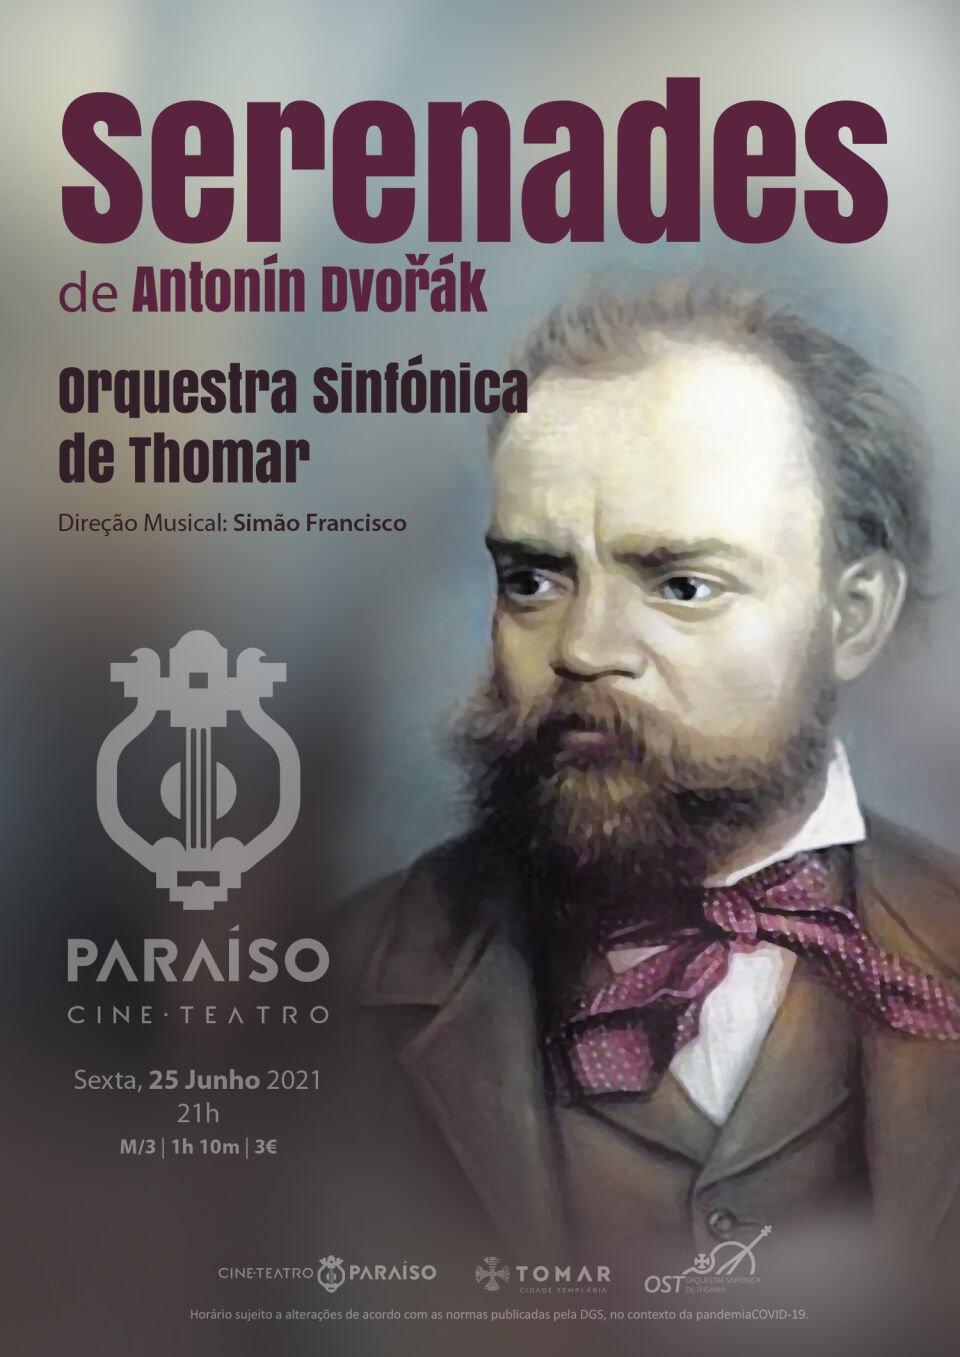 Serenades de Antonín Dvořák pela Orquestra Sinfónica de Thomar